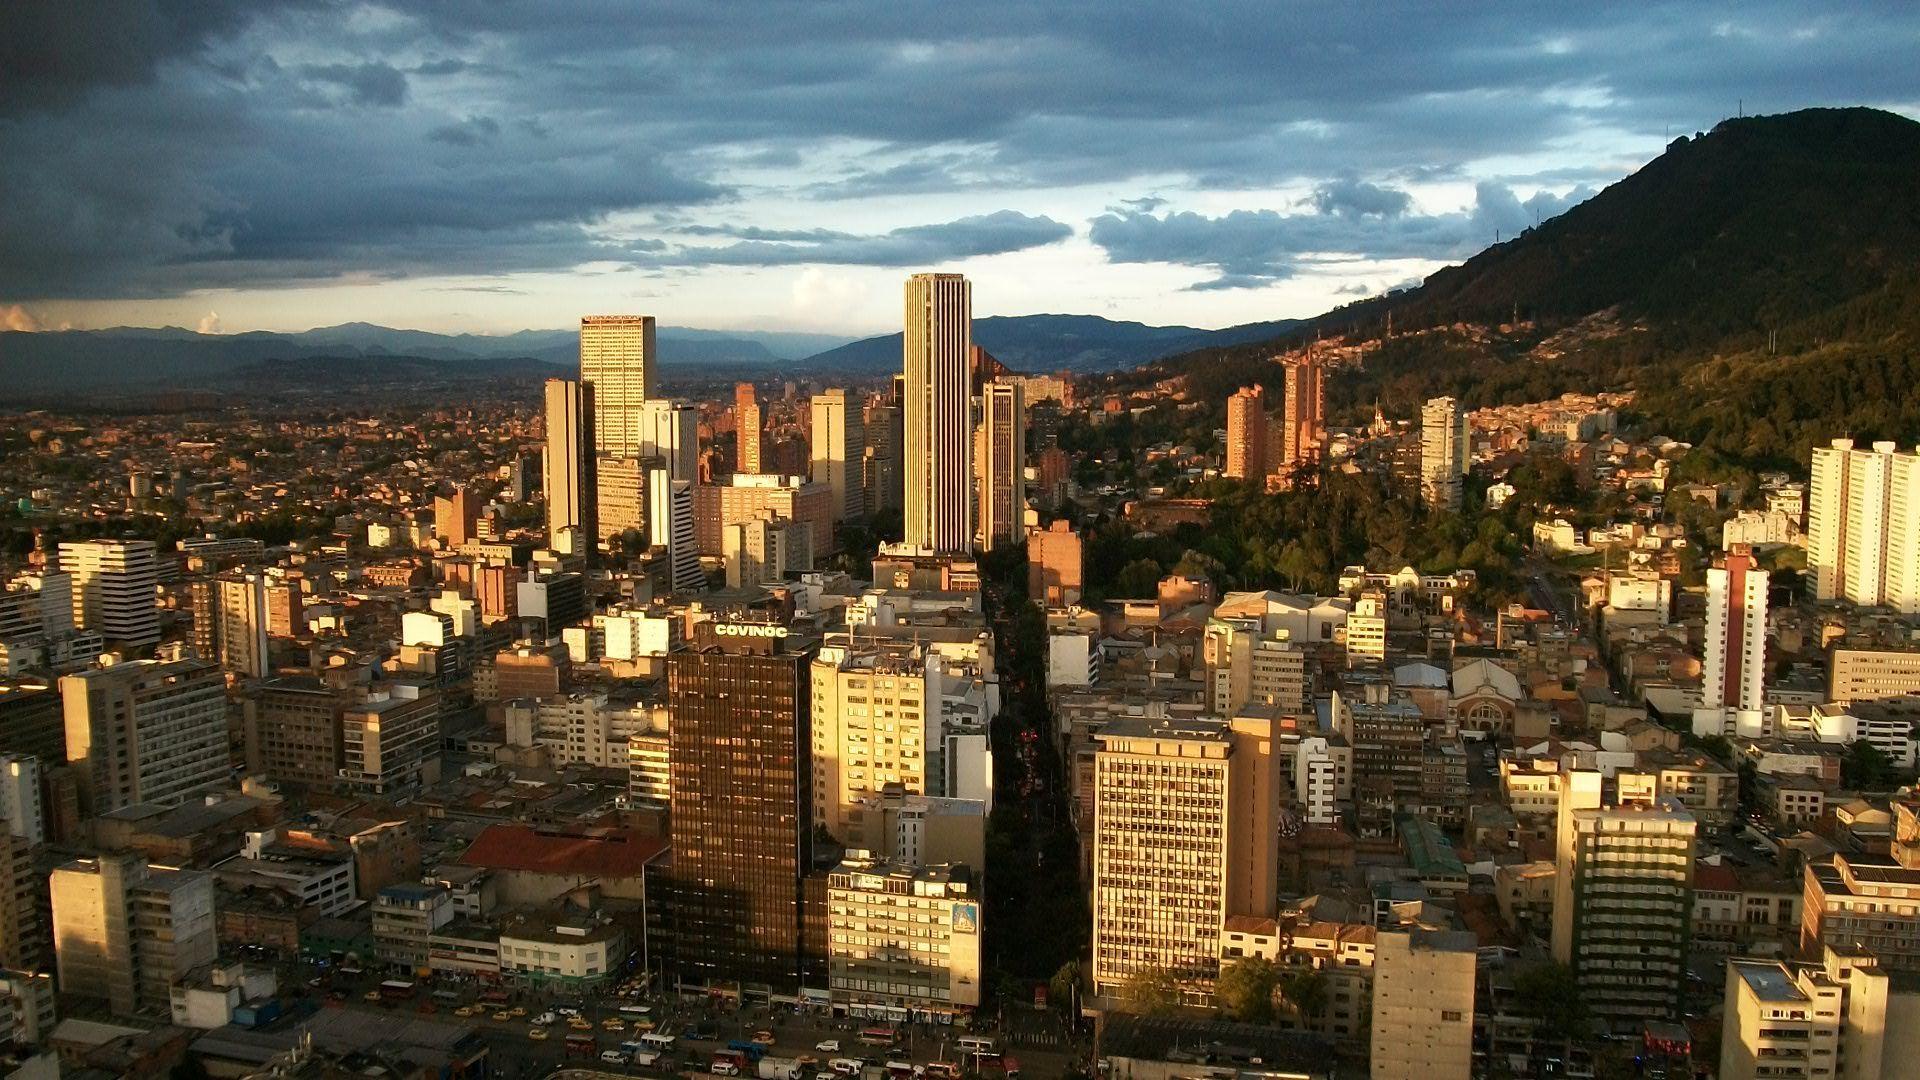 Empecemos por lo básico, ¿cuál es la capital de Colombia?